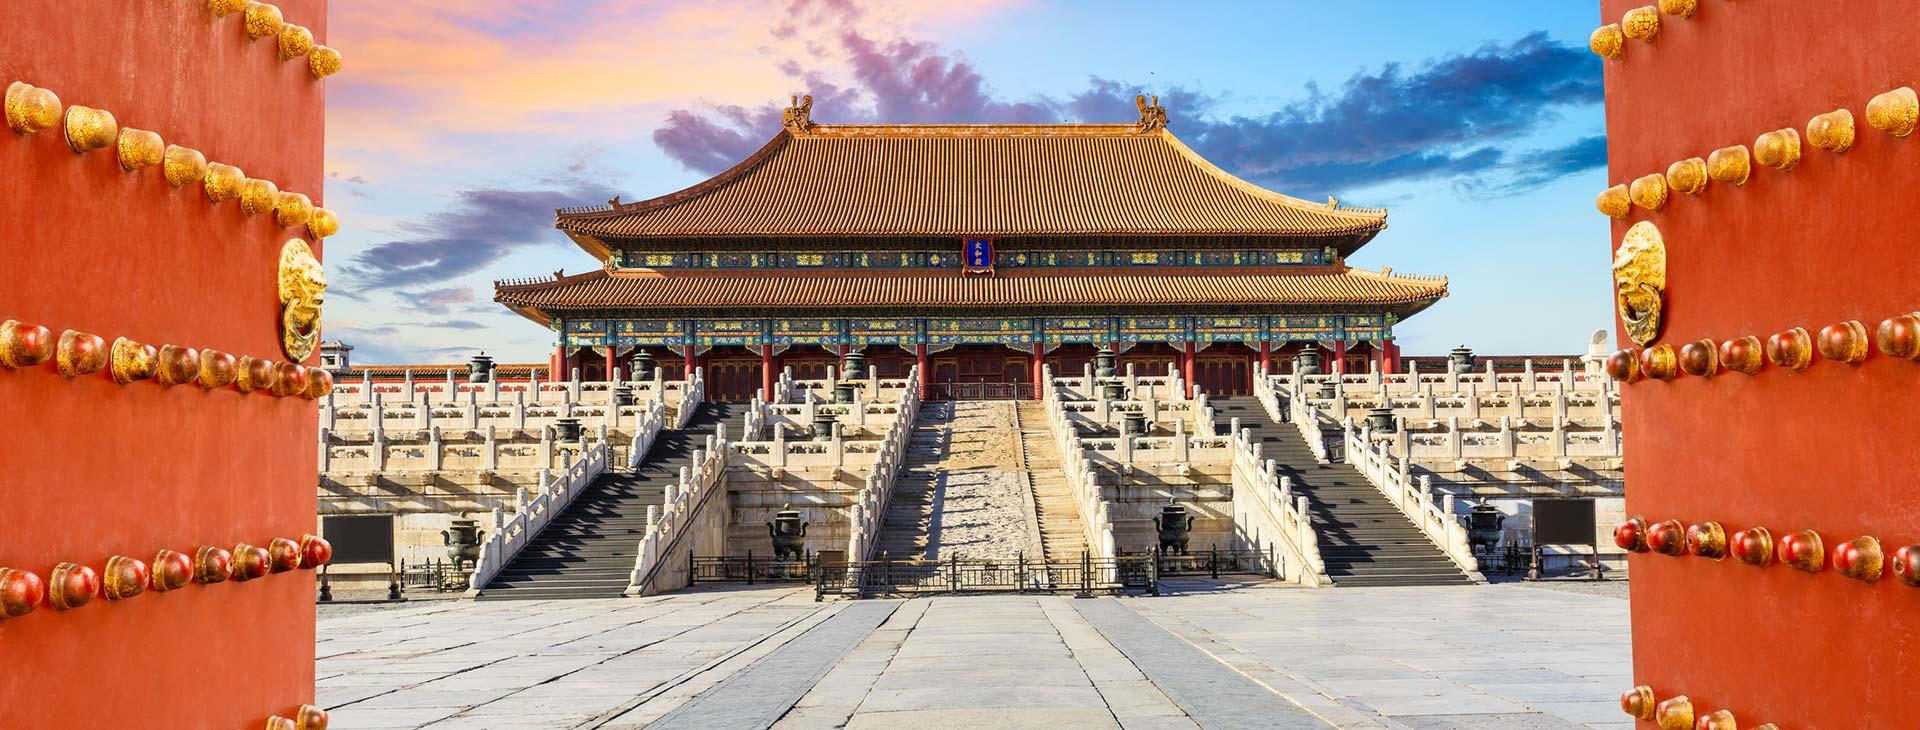 Opinie O Chiny Cesarskiechiny Strona 2 Rainbow